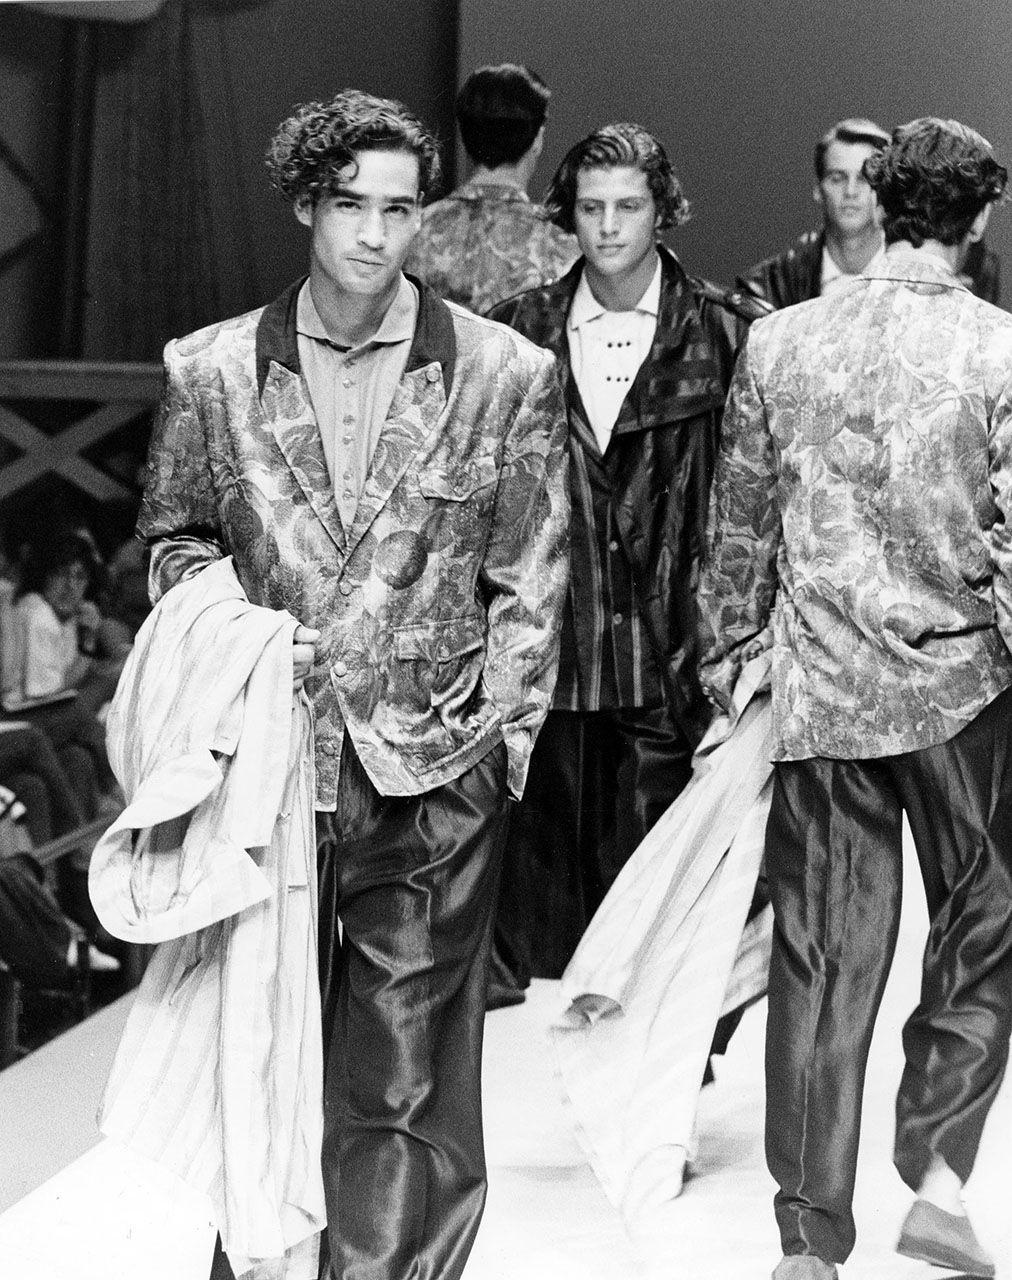 Desfile de moda gallega Luada en Barcelona - ropa daquino.jpg